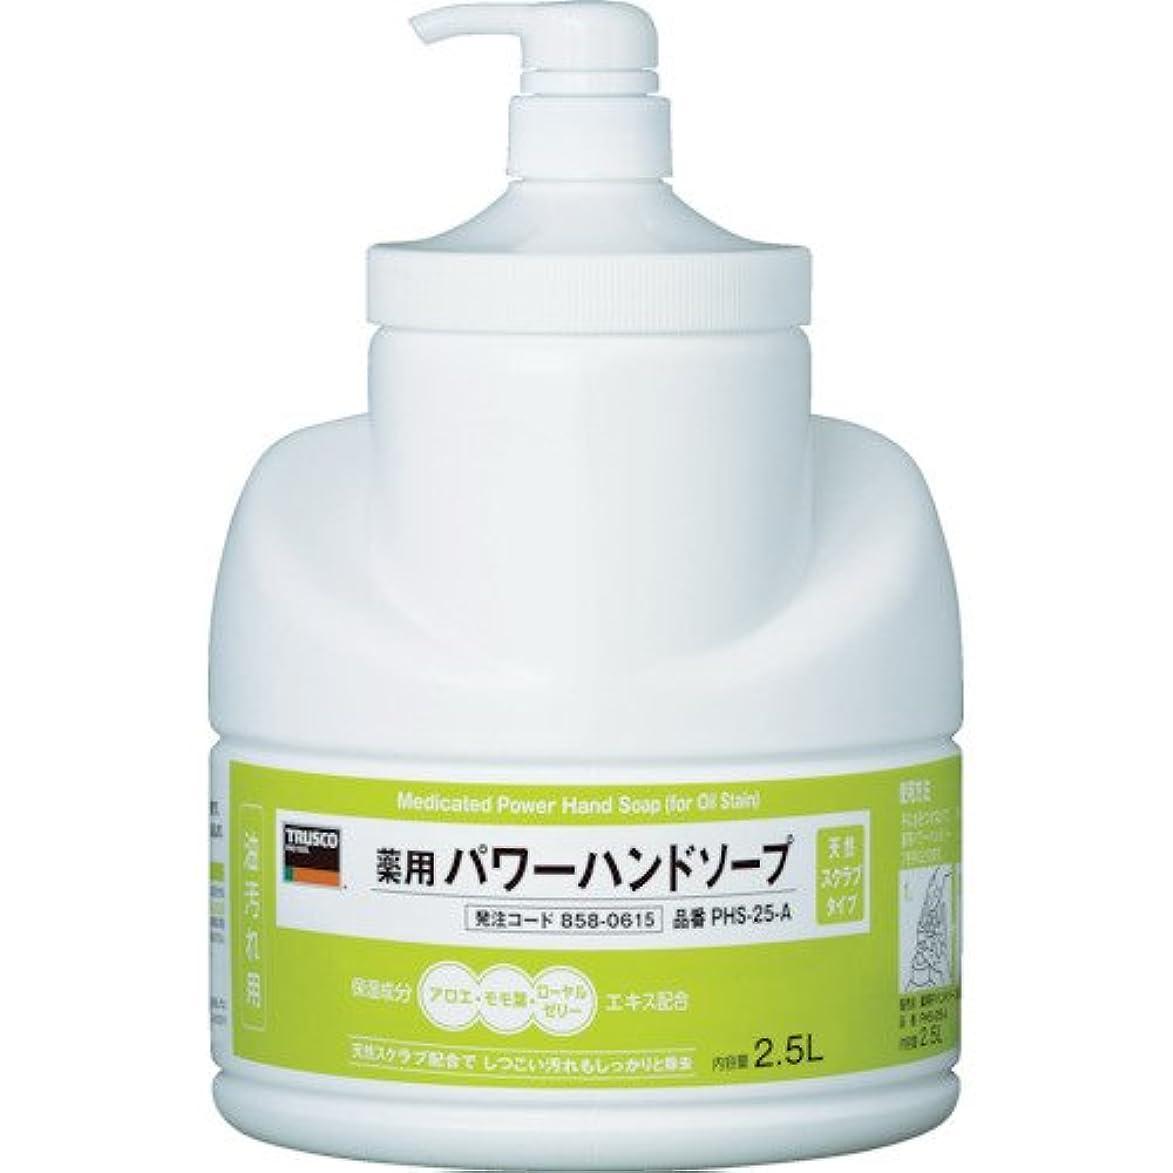 びっくりデータ説明トラスコ中山 株 TRUSCO 薬用パワーハンドソープポンプボトル 2.5L PHS-25-A